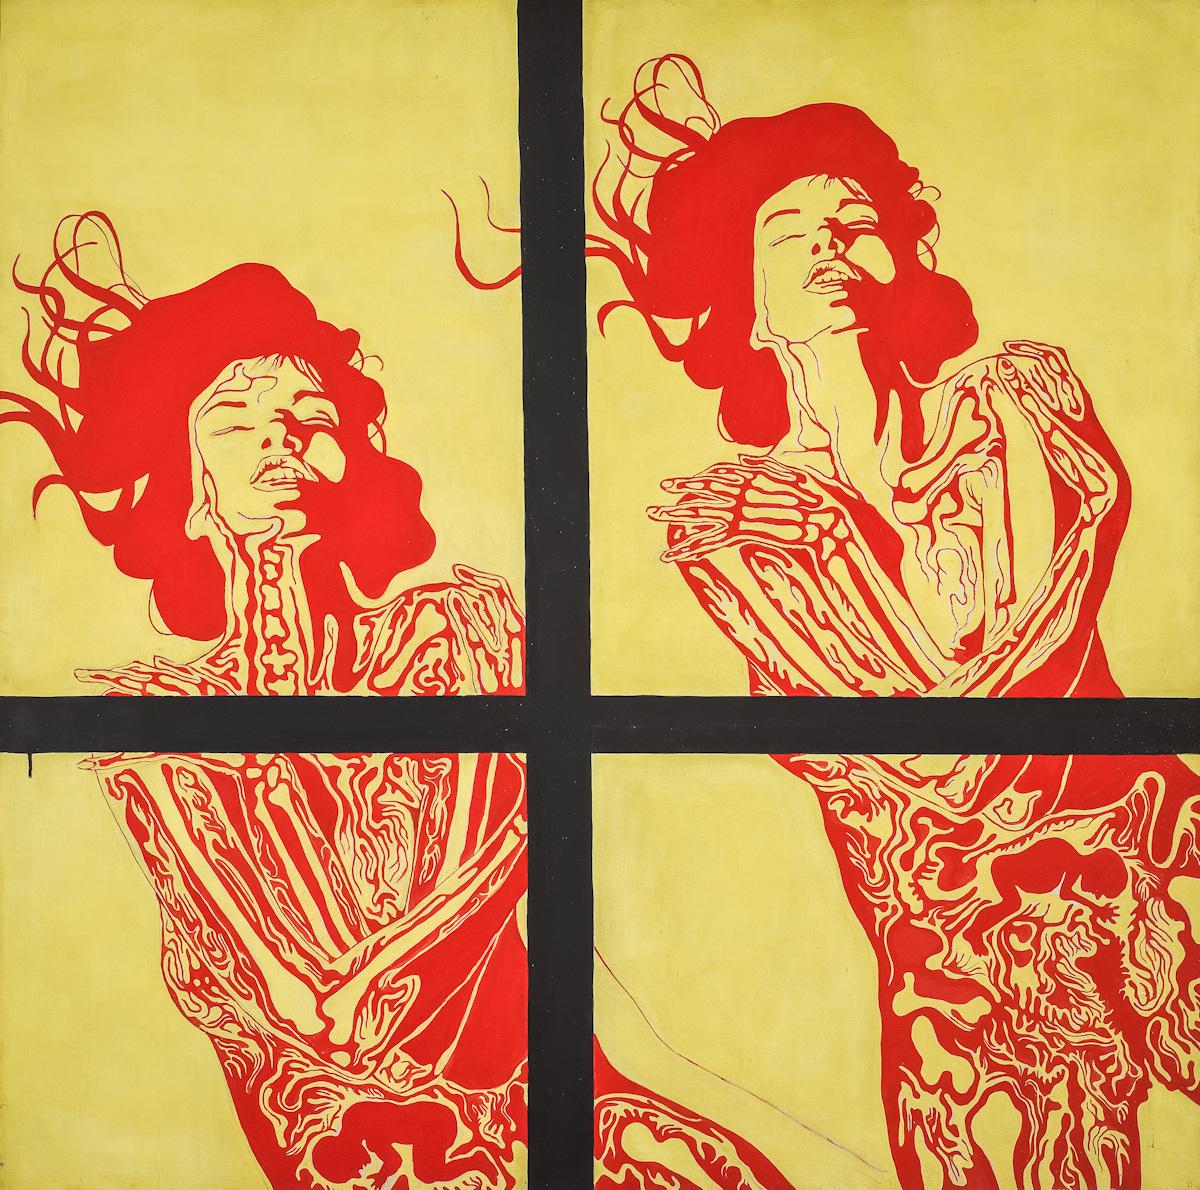 Jan Dobkowski, Płonące kobiety, czyli Rozkosz, olej, płótno, 1967